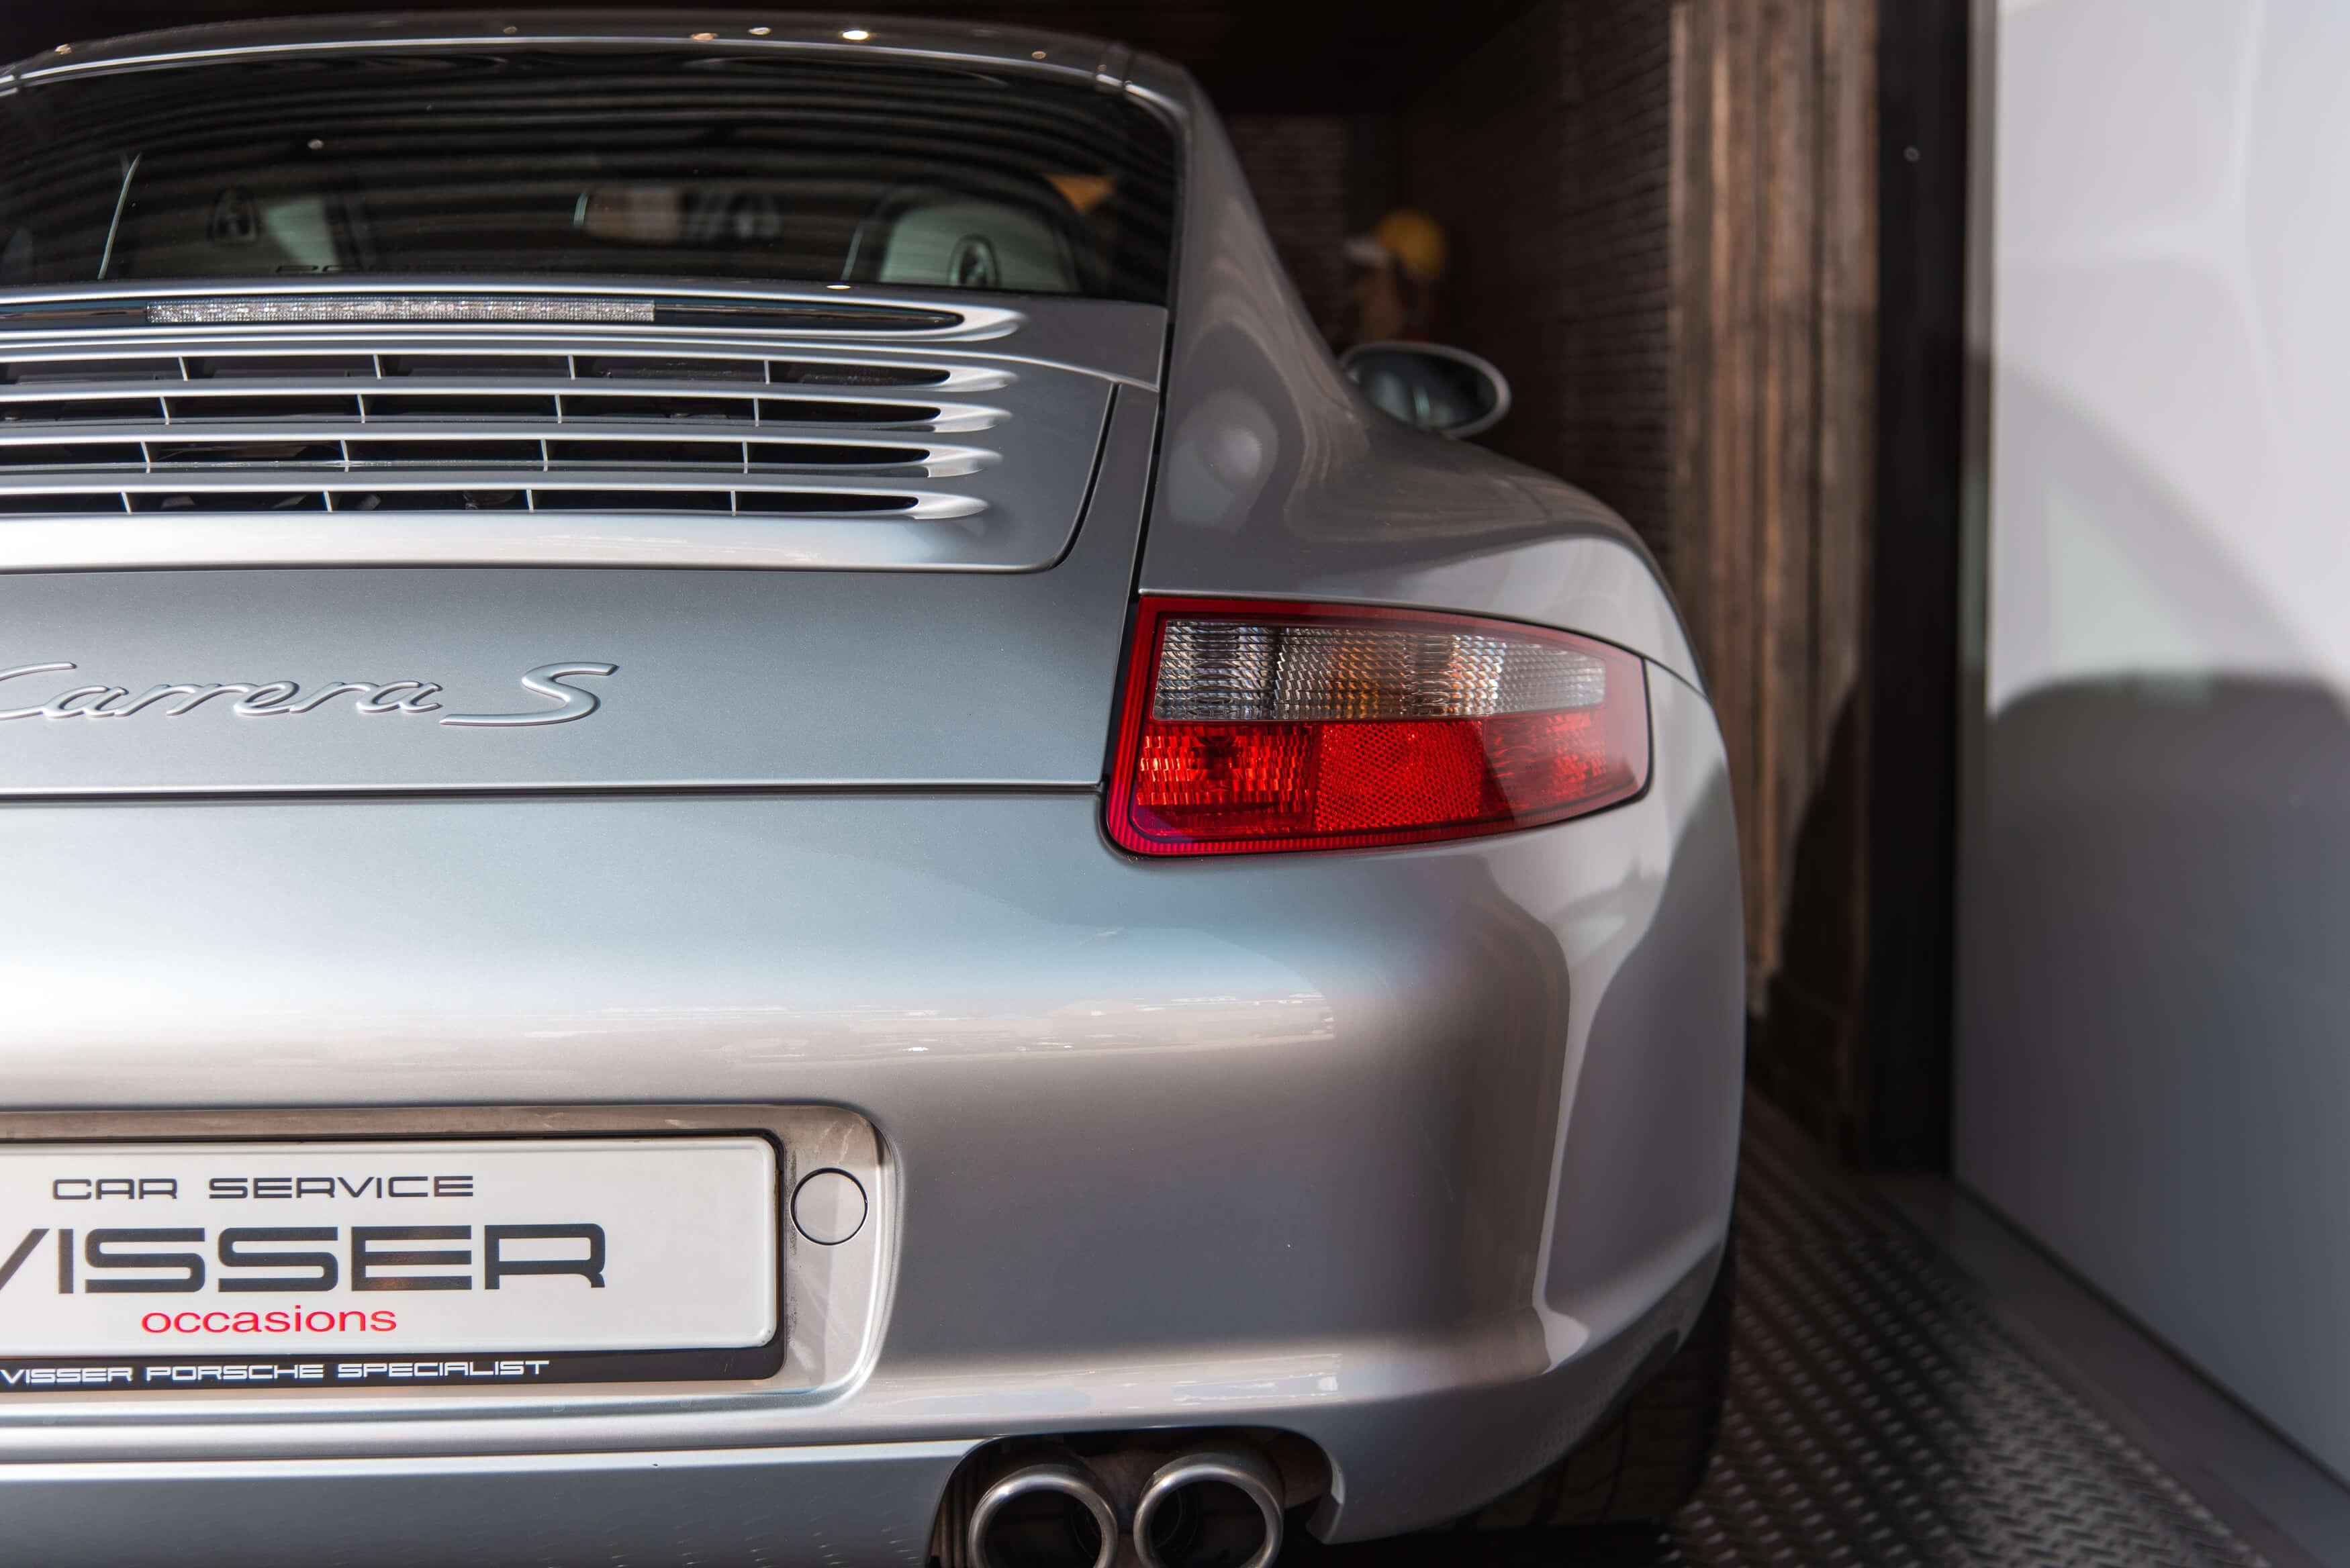 Porsche 997 Carrera S handgeschakeld Car Service Visser gespecialiseerd in Porsche - 12